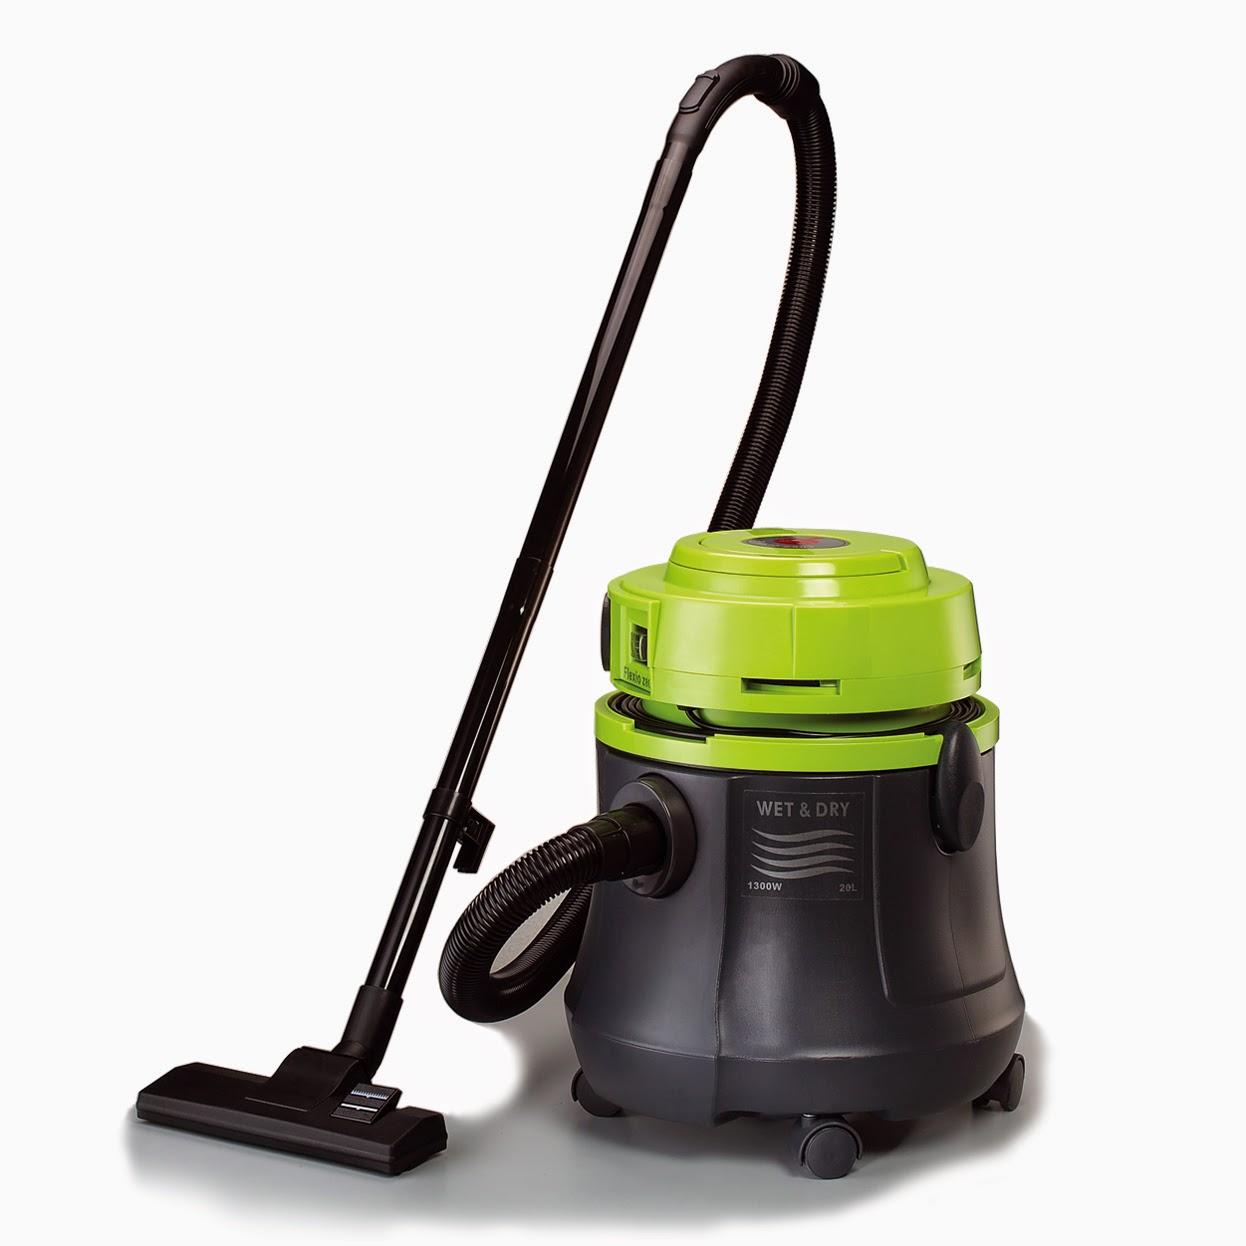 soalharga vacuum cleaner memberikan harga yang cukup berfariasi mulai dari paling murah hingga mahal